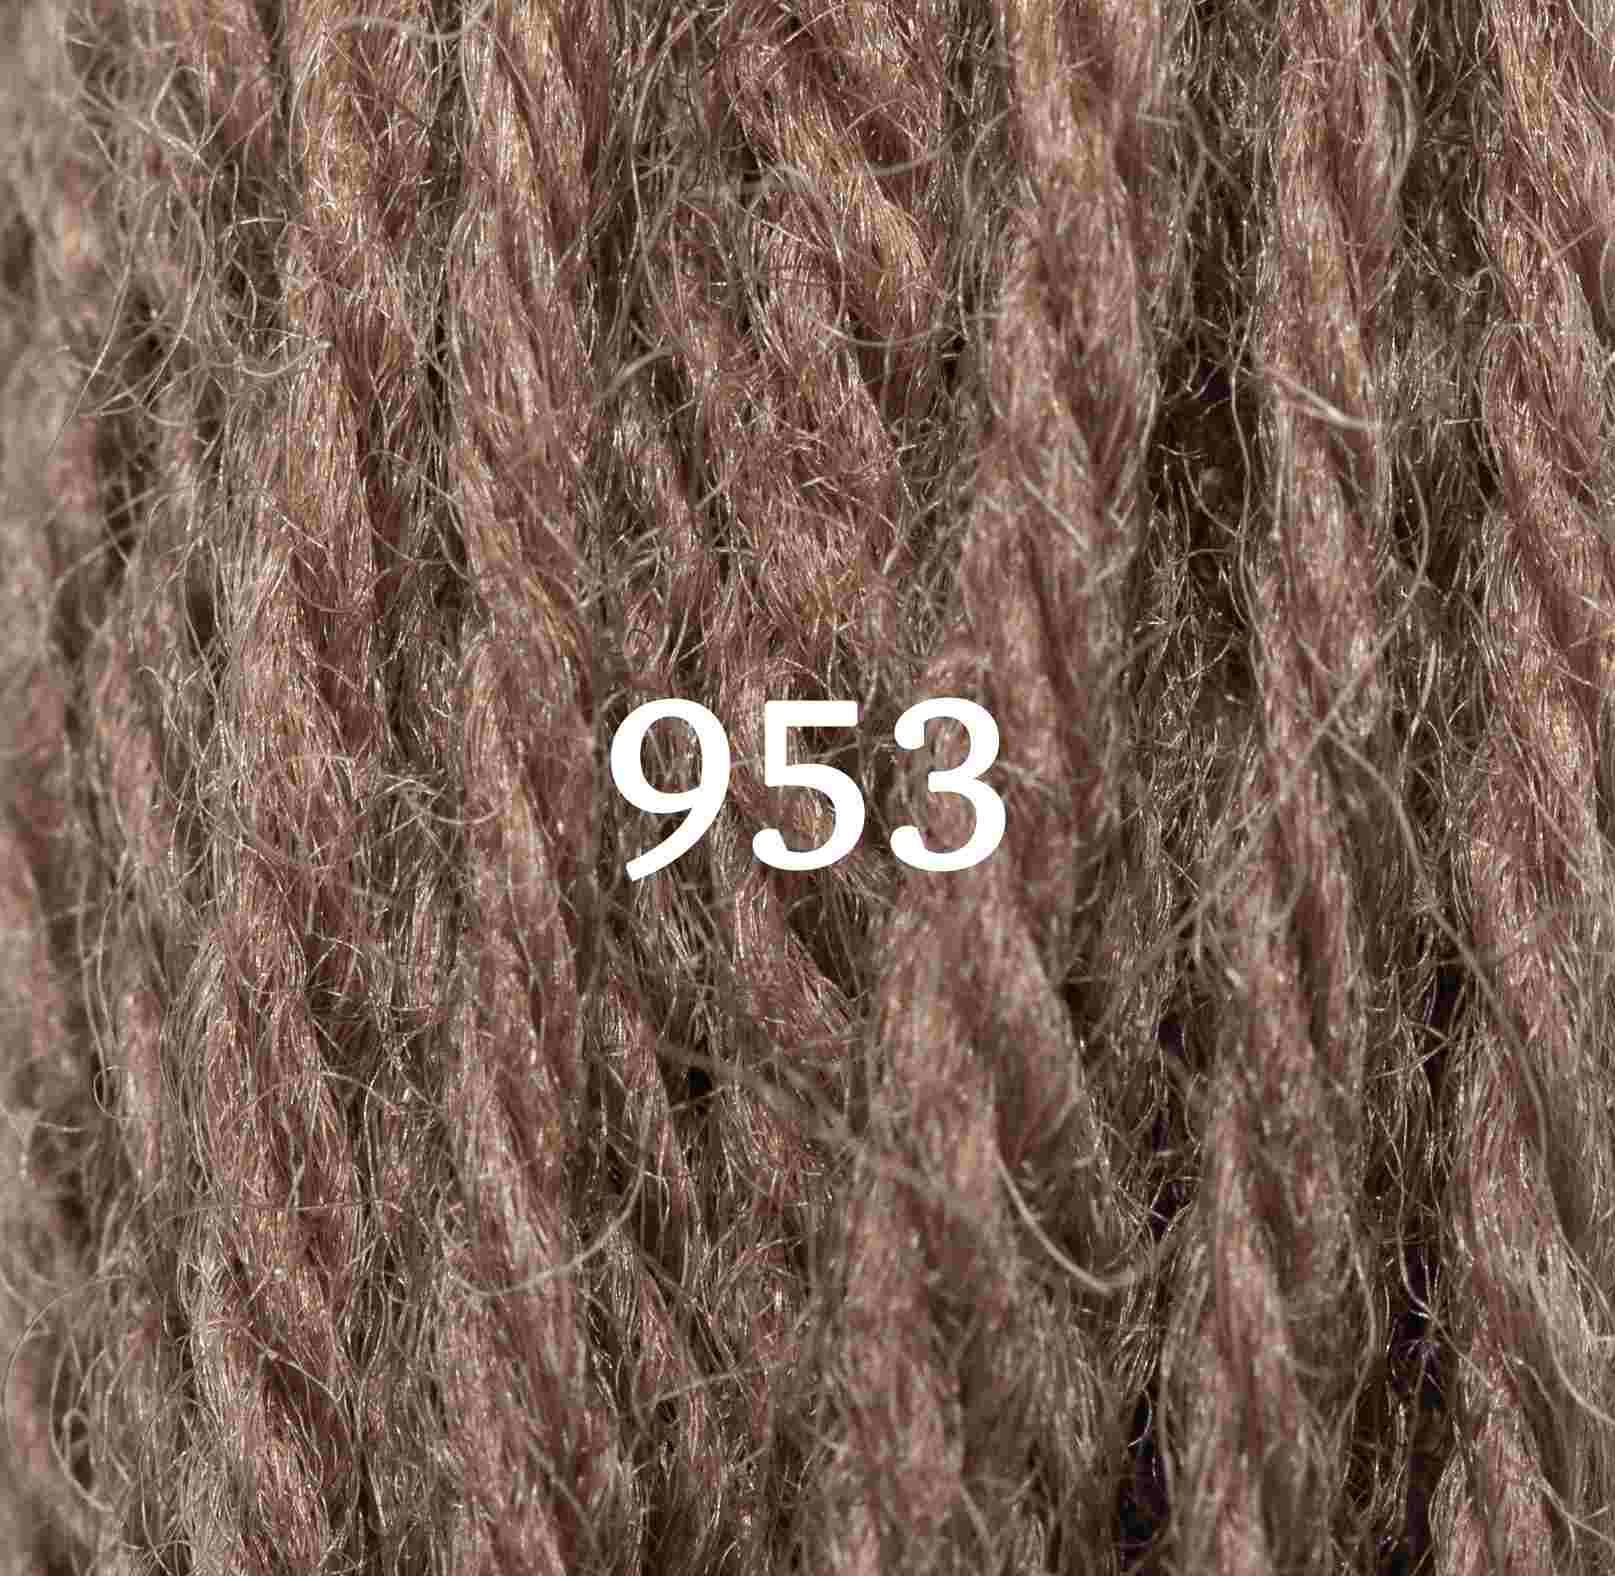 Drab-Fawn-953